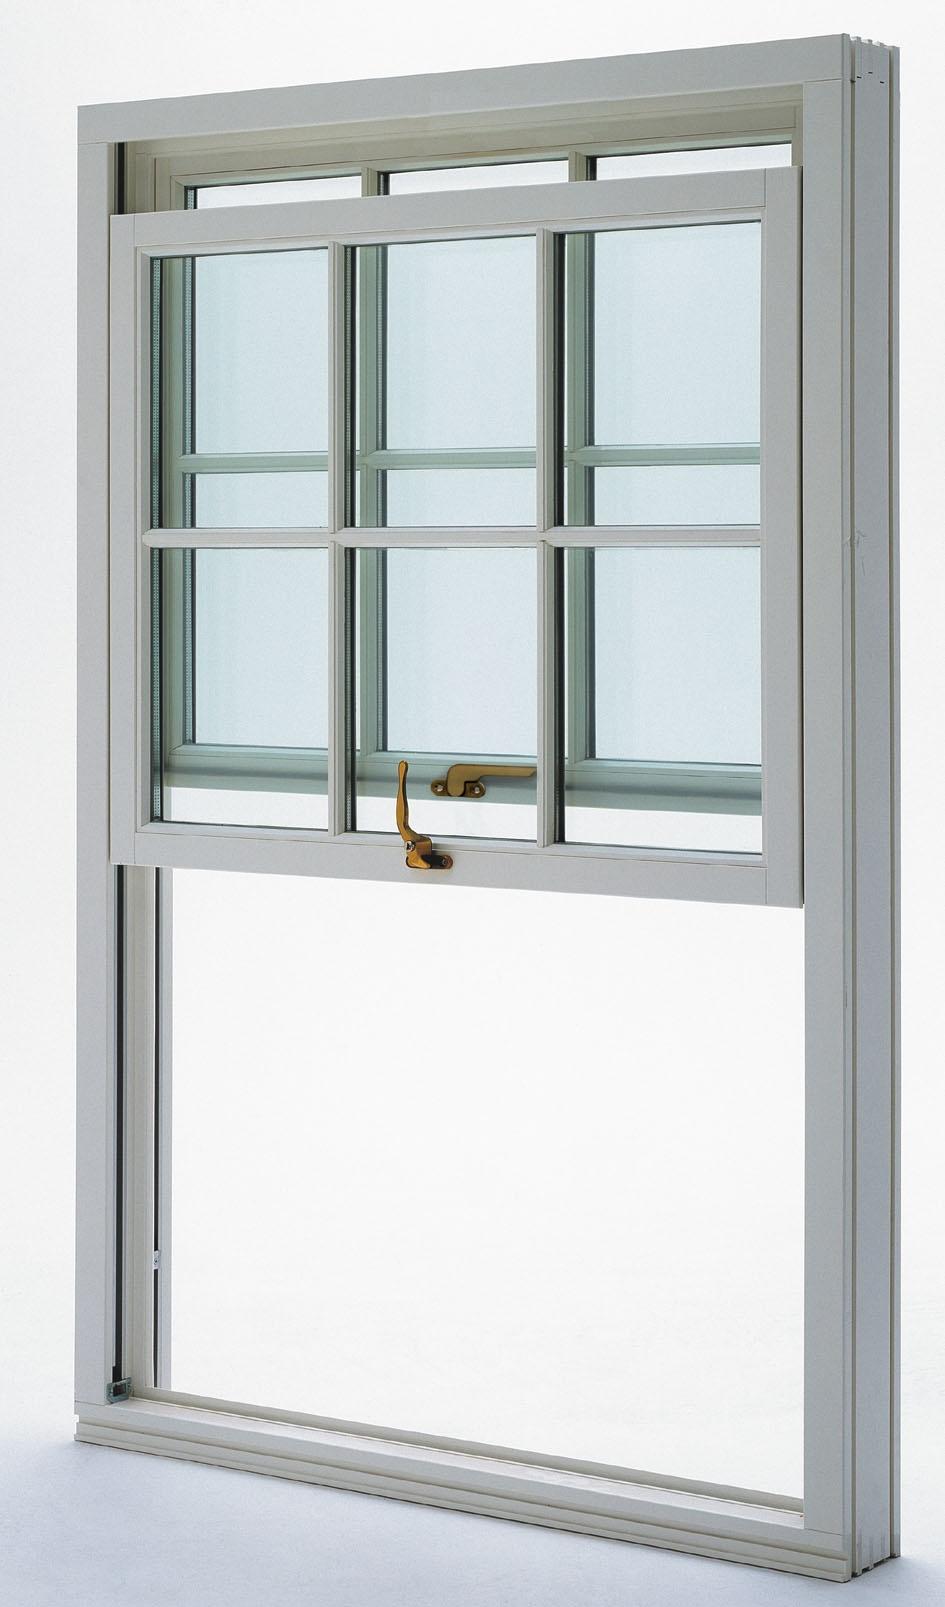 Slide window holz vertikal schiebefenster for Schiebe fenster